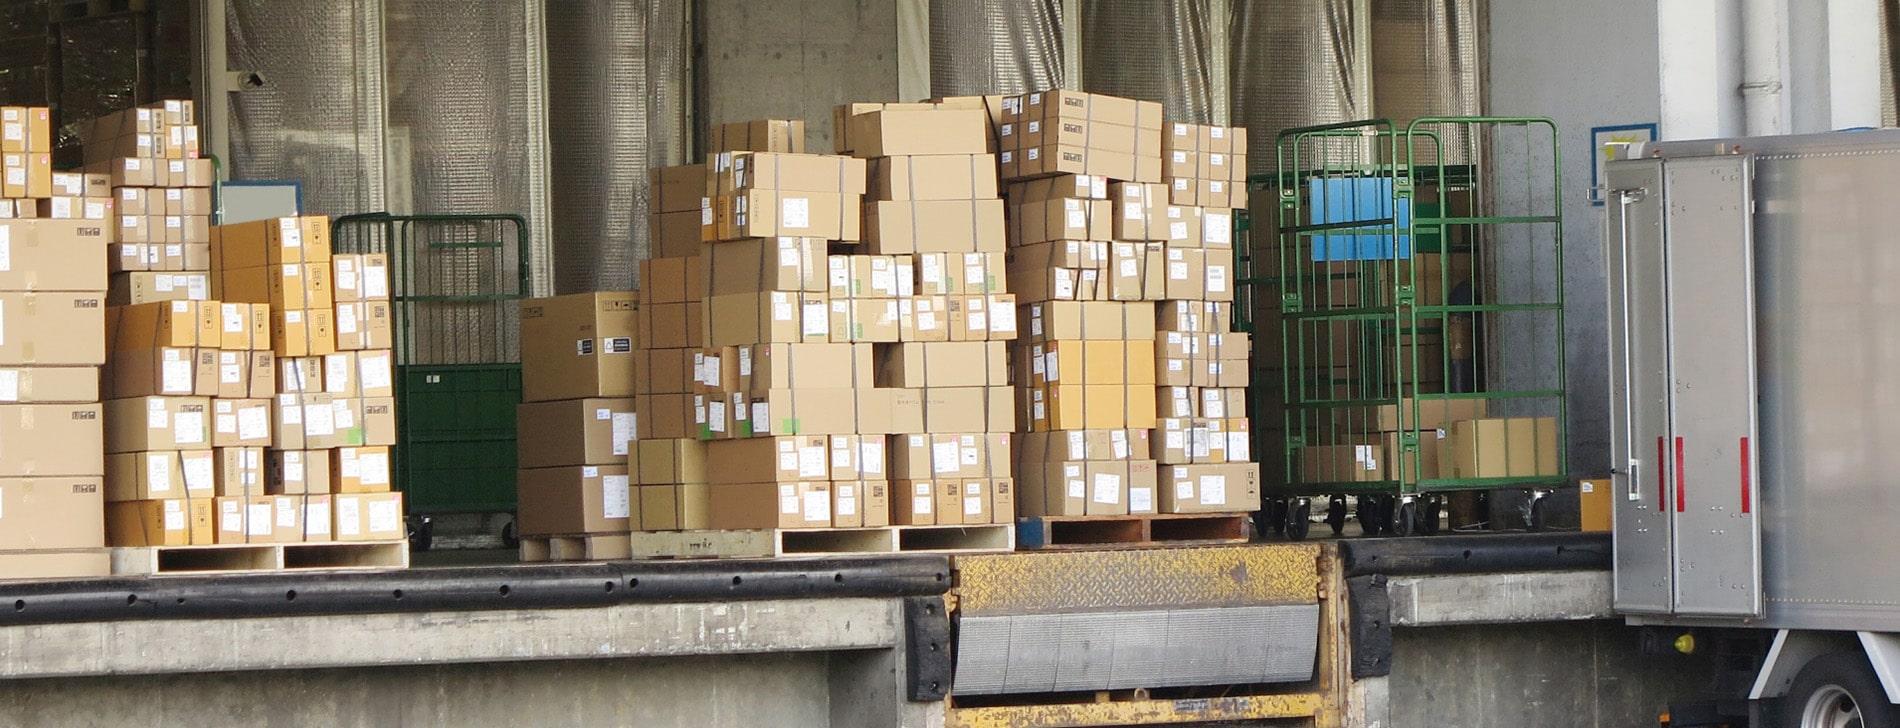 【2021避免貨物損壞】的五大包裝技巧